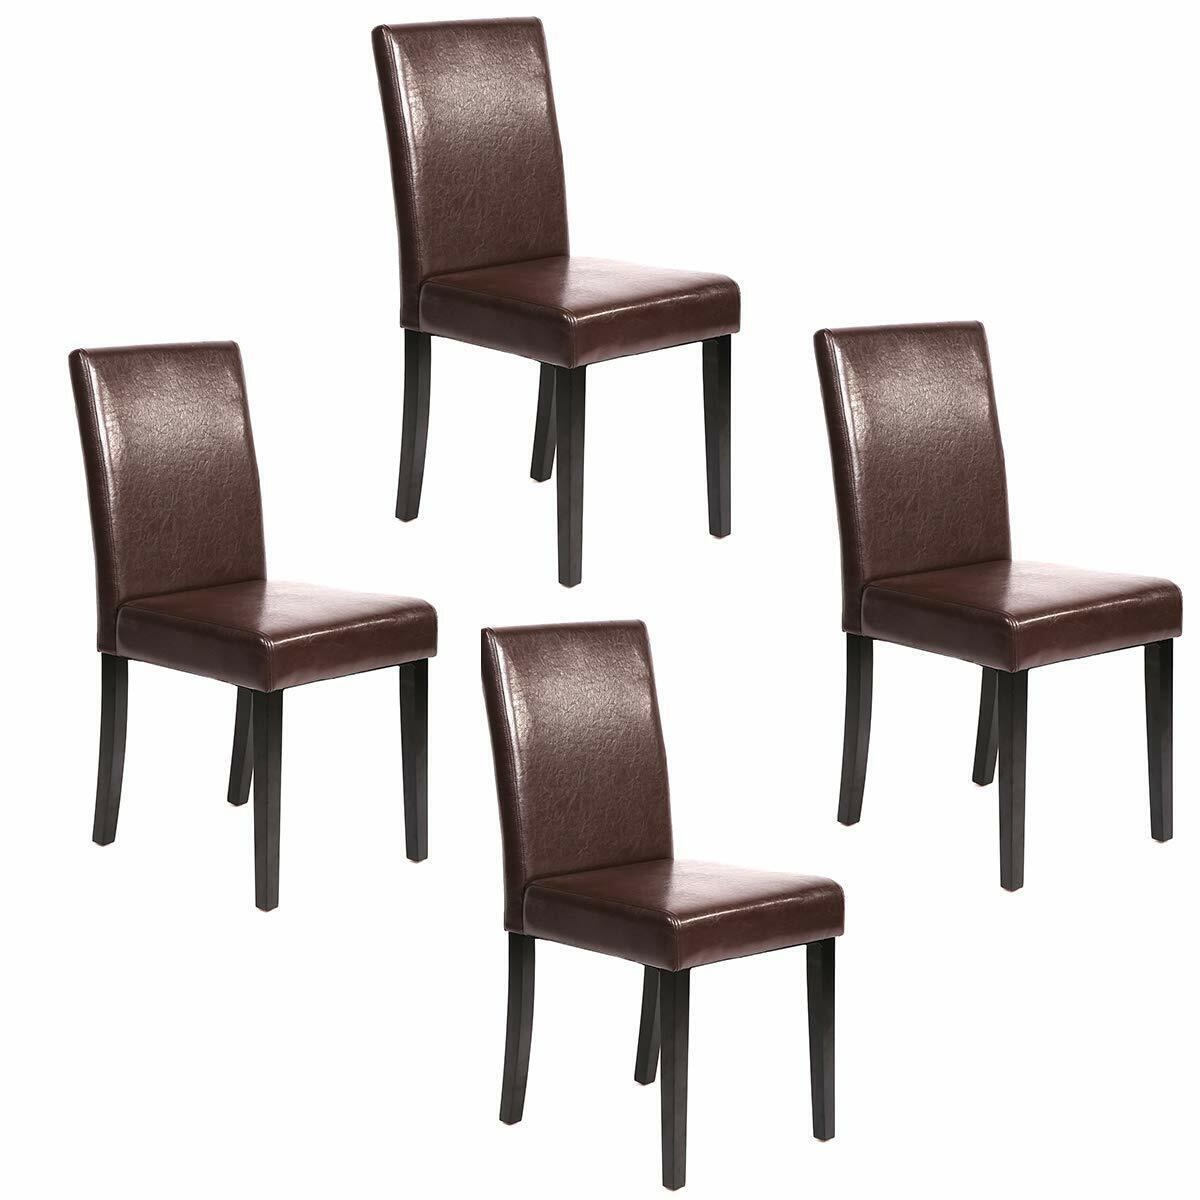 Set of 2/4/6/8/10 pcs Black/Brown Leather Elegant Design Din